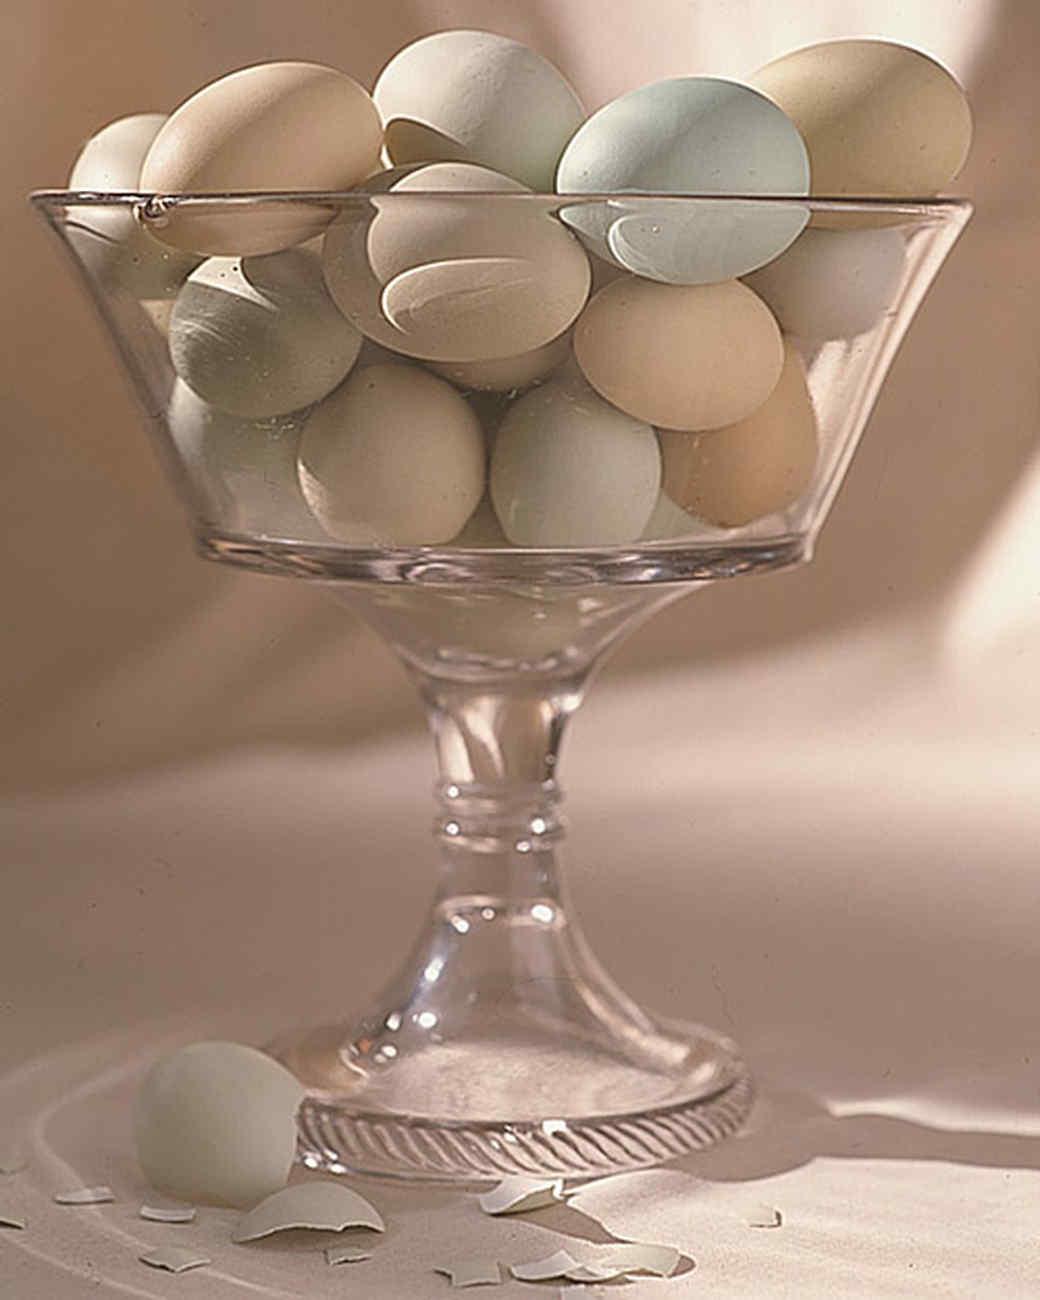 msl_0495_eggs.jpg